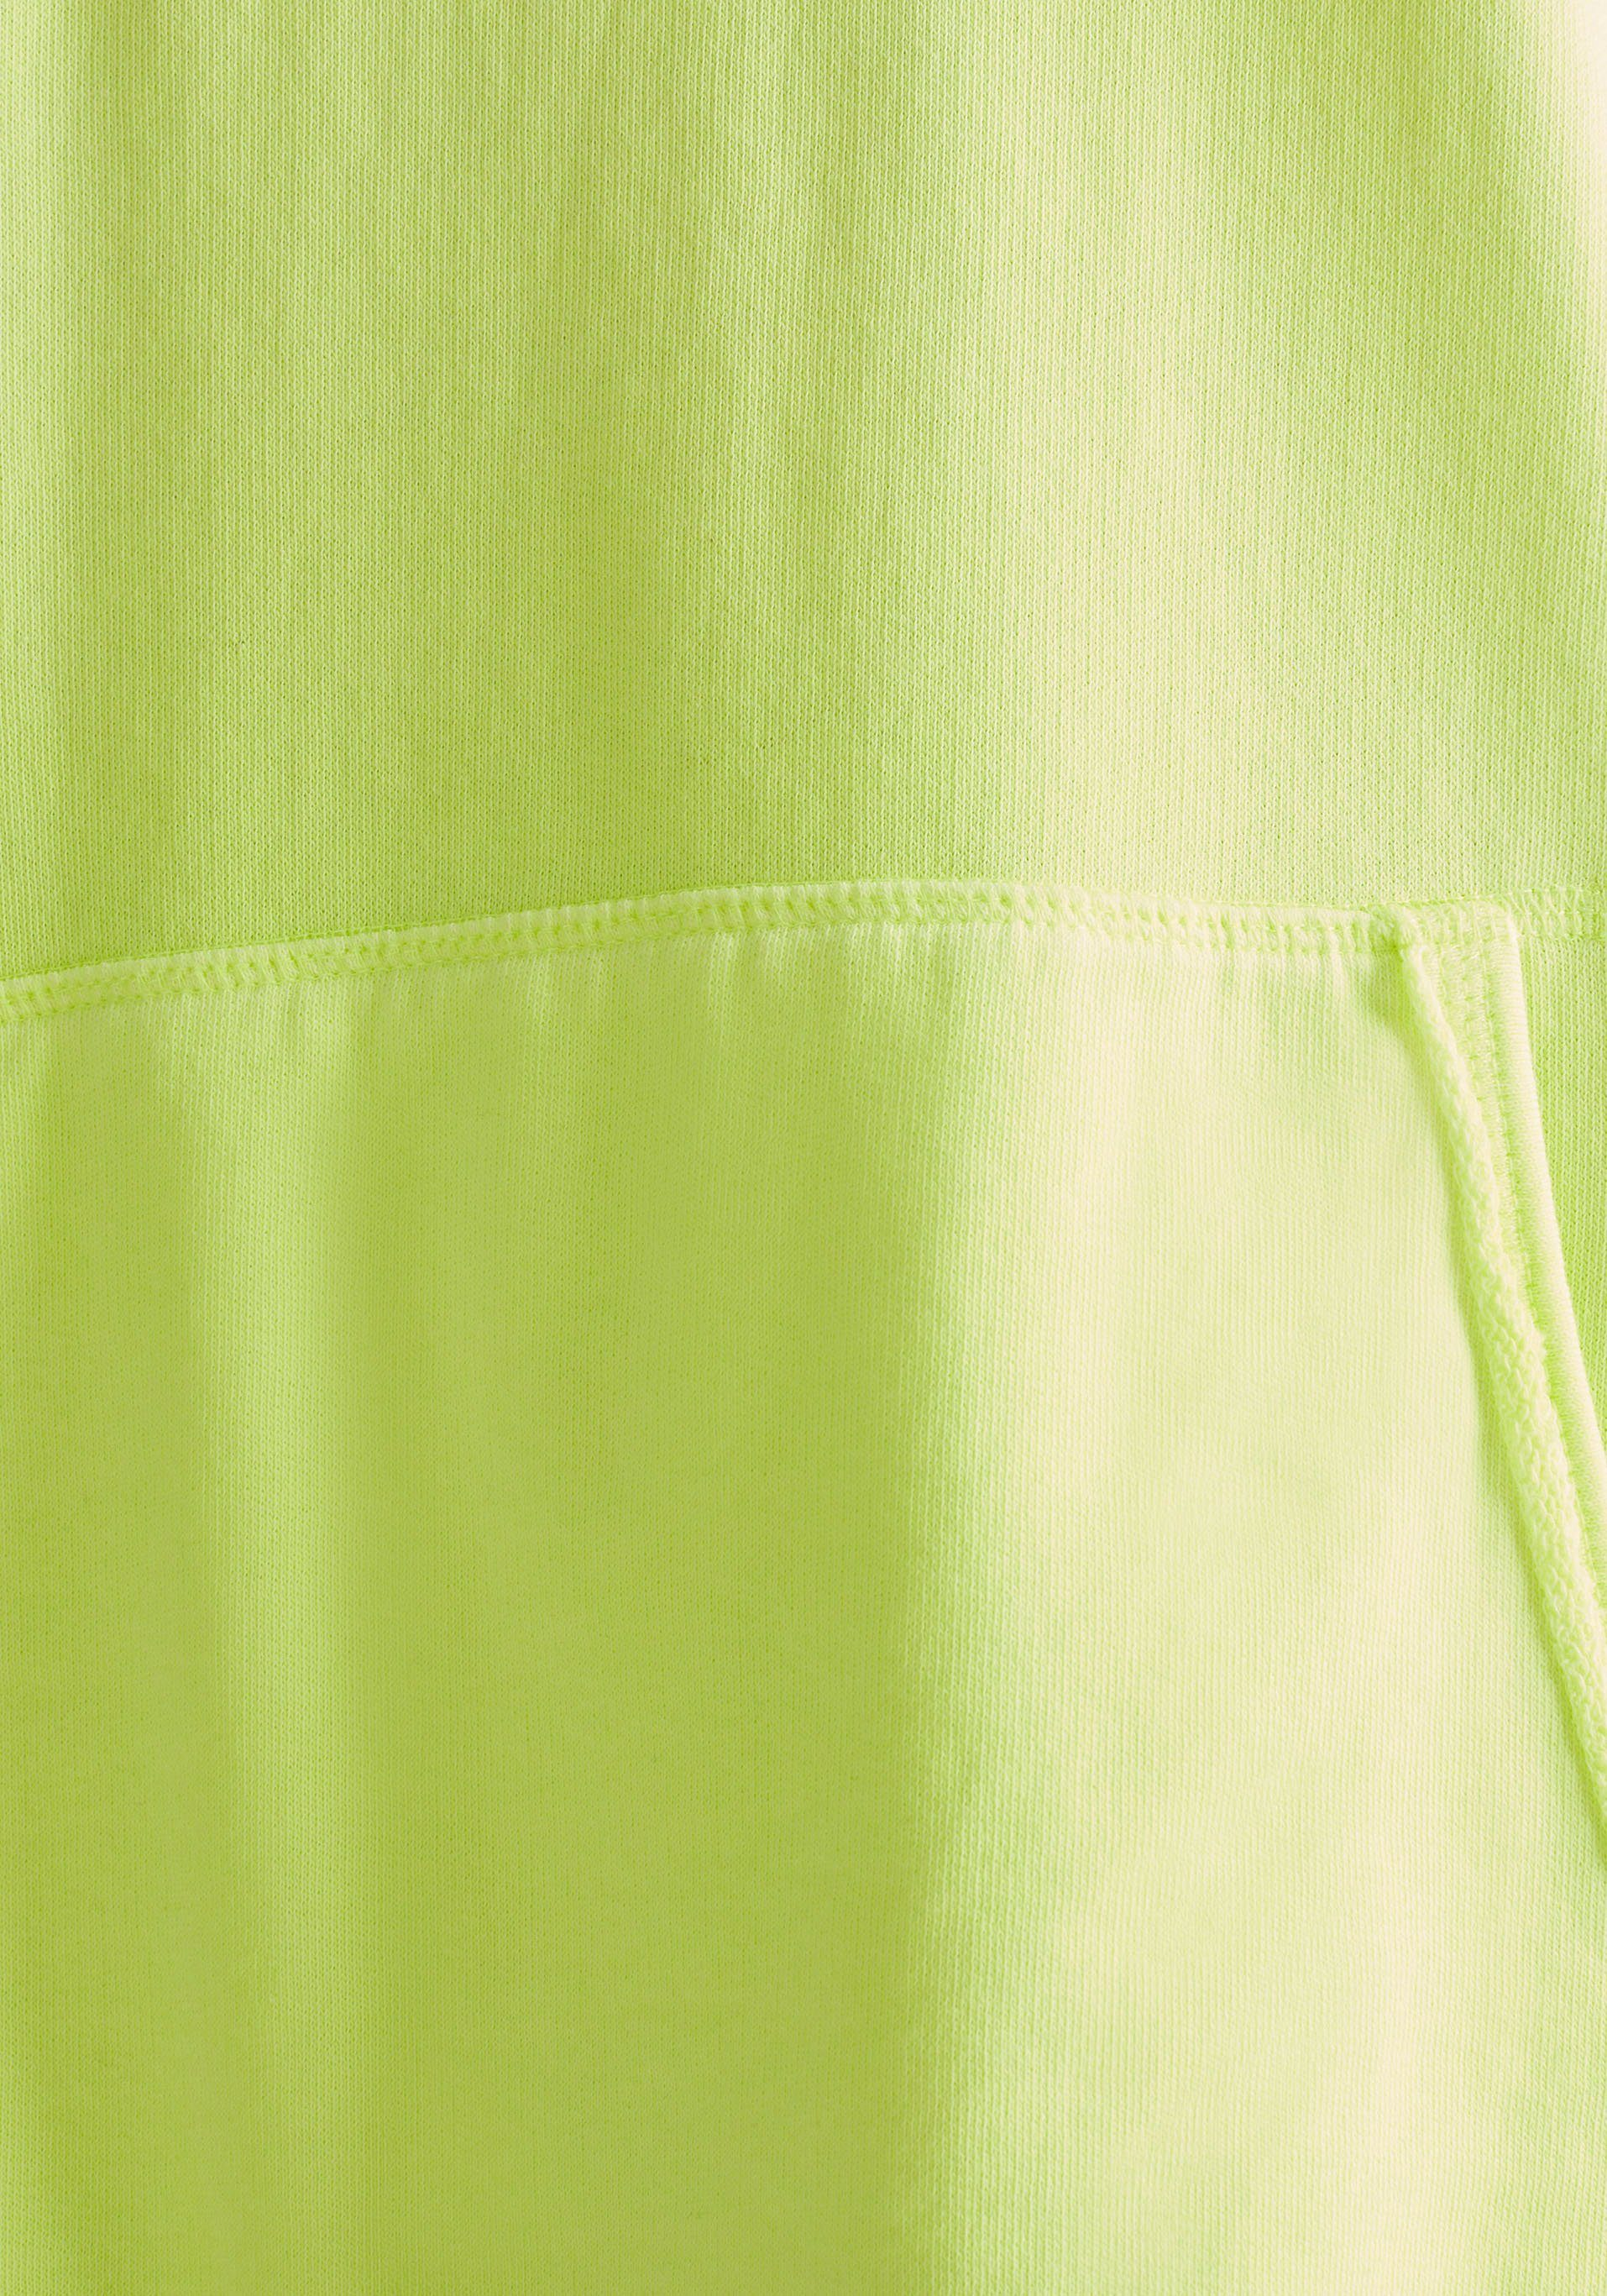 edc by Esprit Sweatkleid mit Regenbogentape auf der Schulter